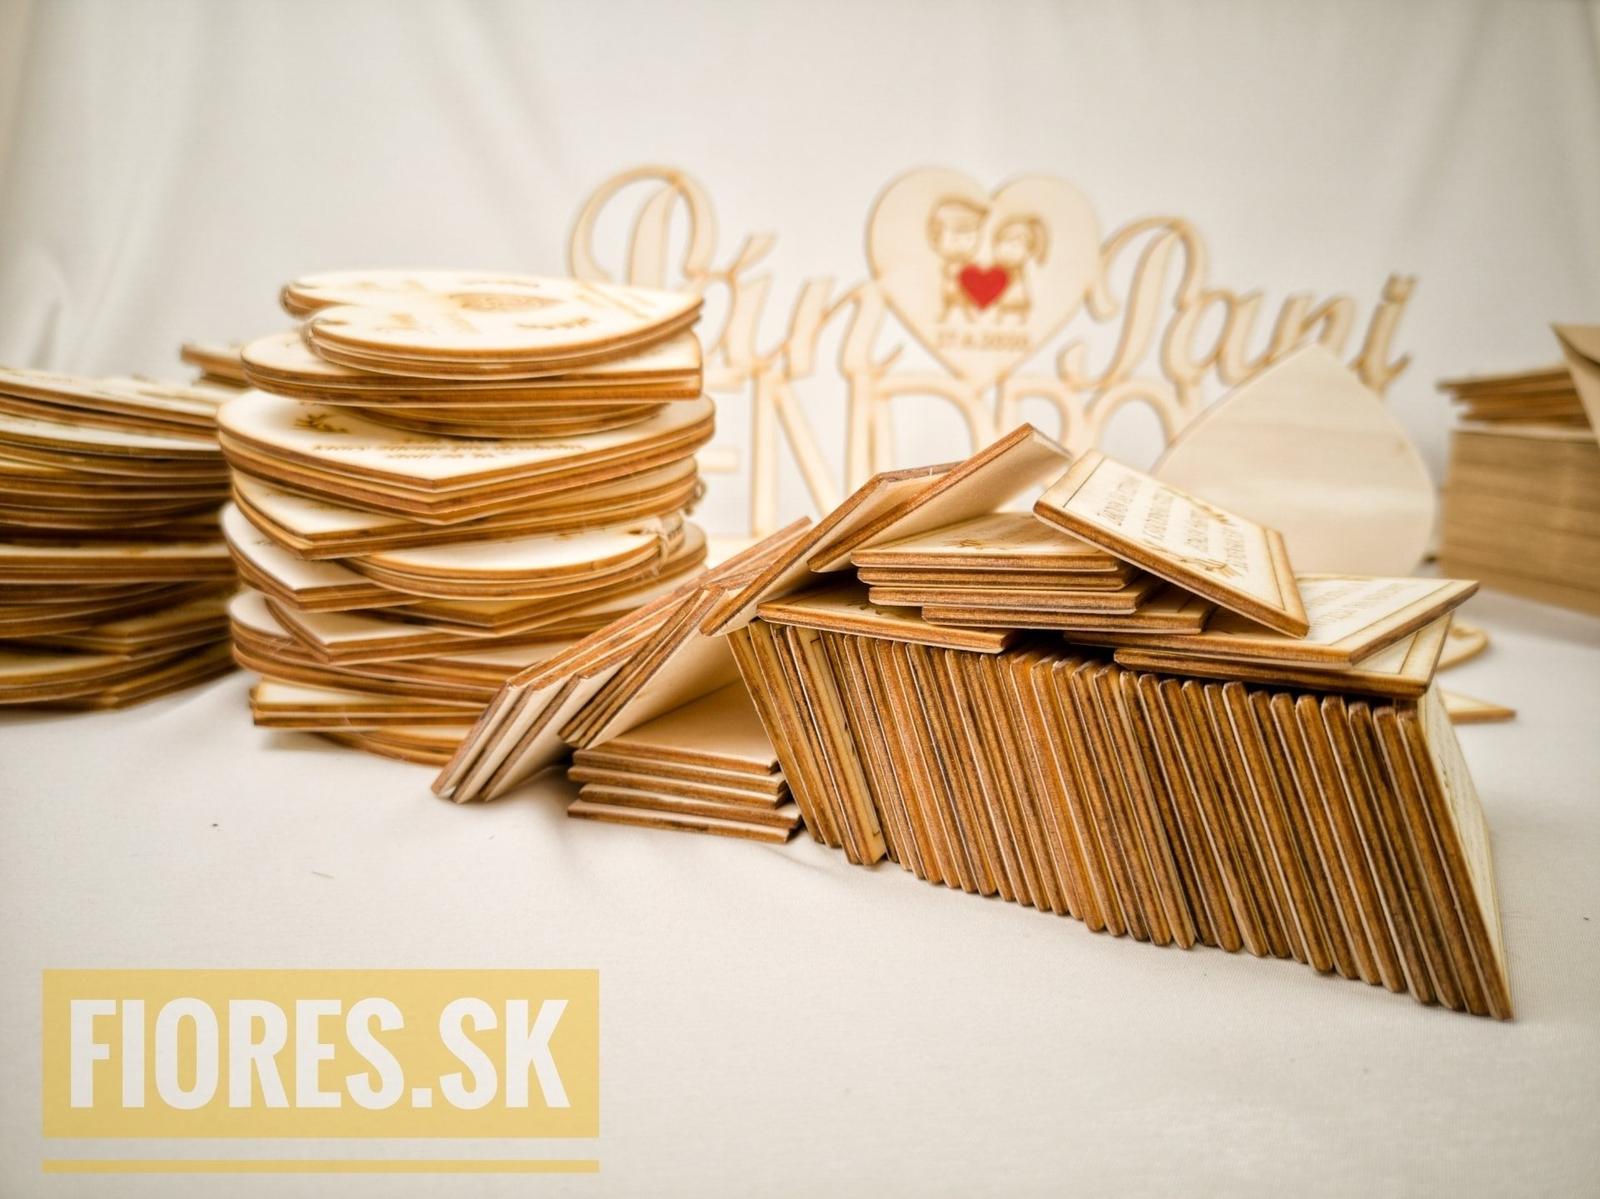 Drevené gravírované oznámenie od Fiores.sk - https://www.fiores.sk/obchod/svadobne-oznamenia/vyrezavane-a-gravirovane/drevene-svadobne-oznamenie-dve-srdcia/